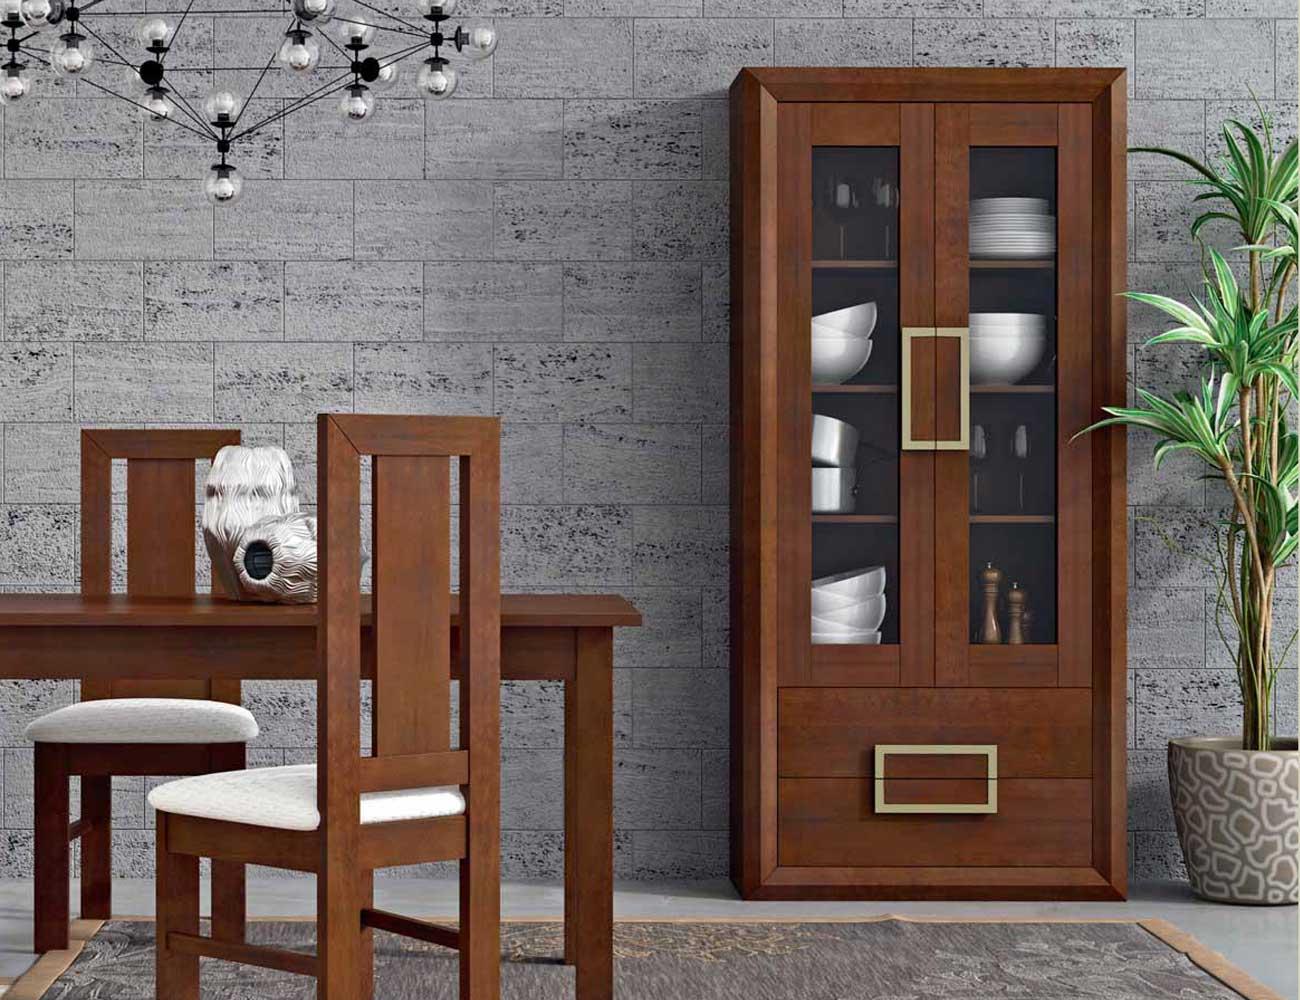 Mueble aparador color nogal combinado con champagne 7555 for Factory del mueble azuaga